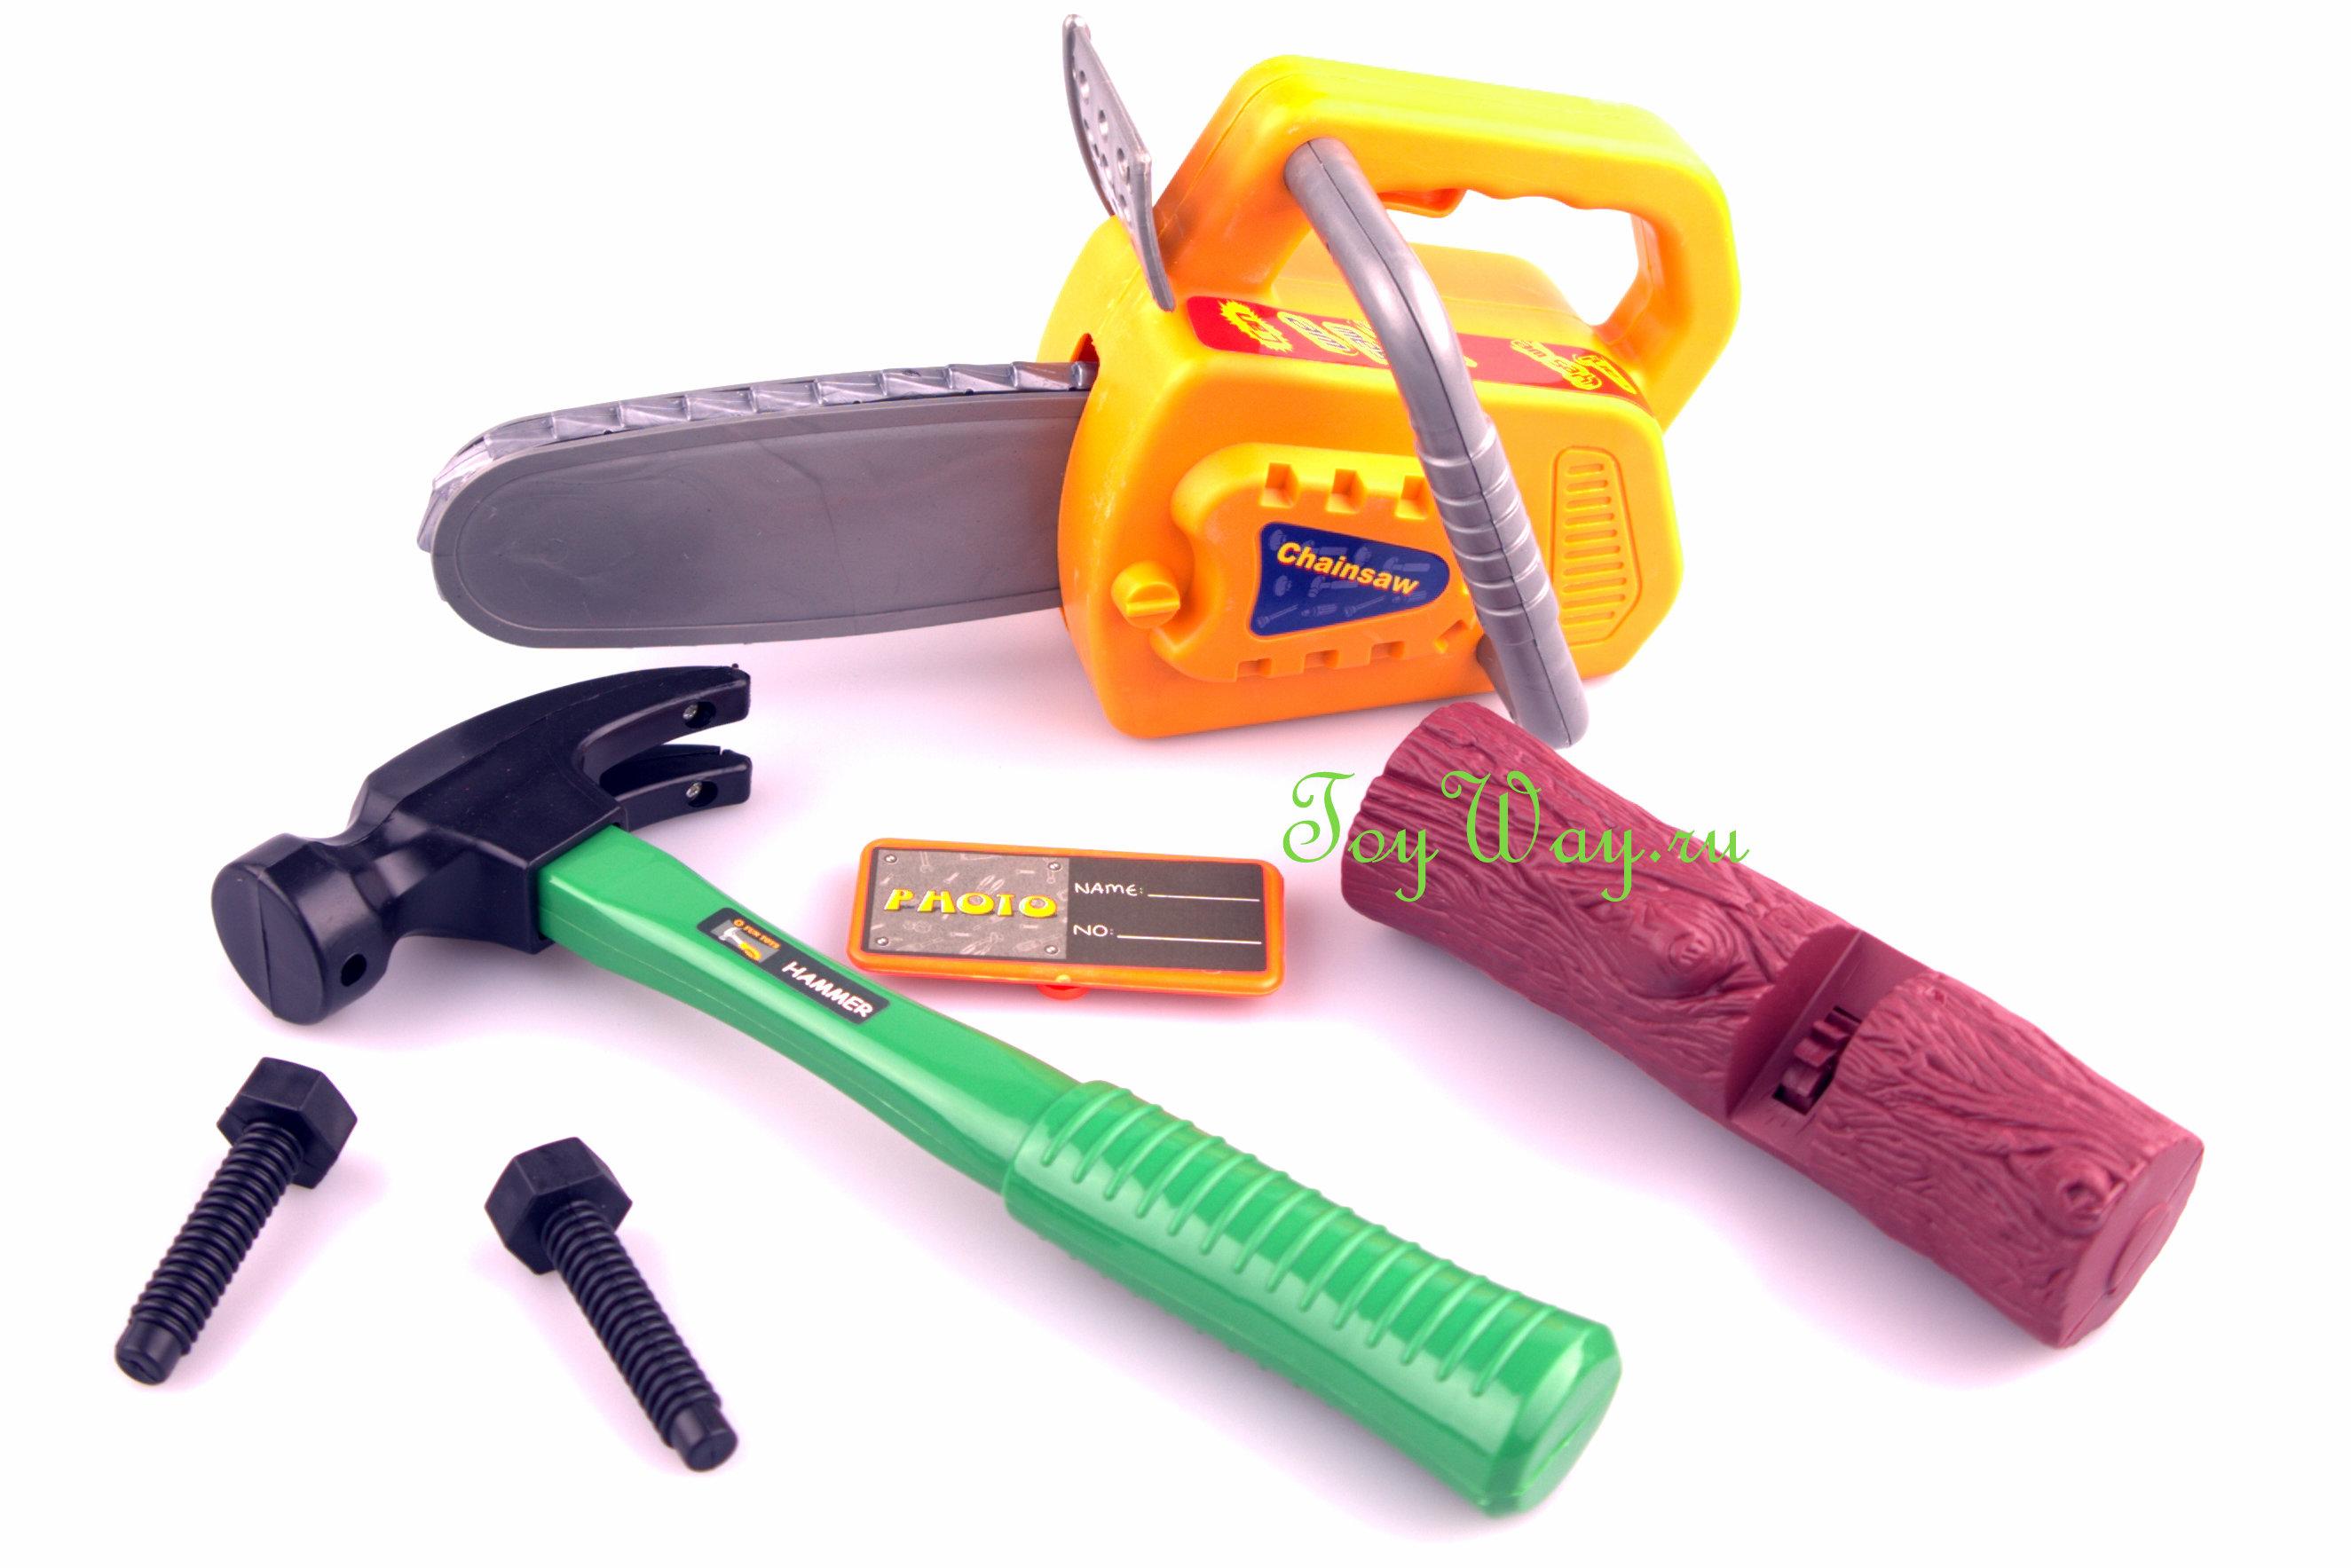 Игрушечный набор инструментов в чемодане, 8 предметовДетские мастерские, инструменты<br>Игрушечный набор инструментов в чемодане, 8 предметов<br>